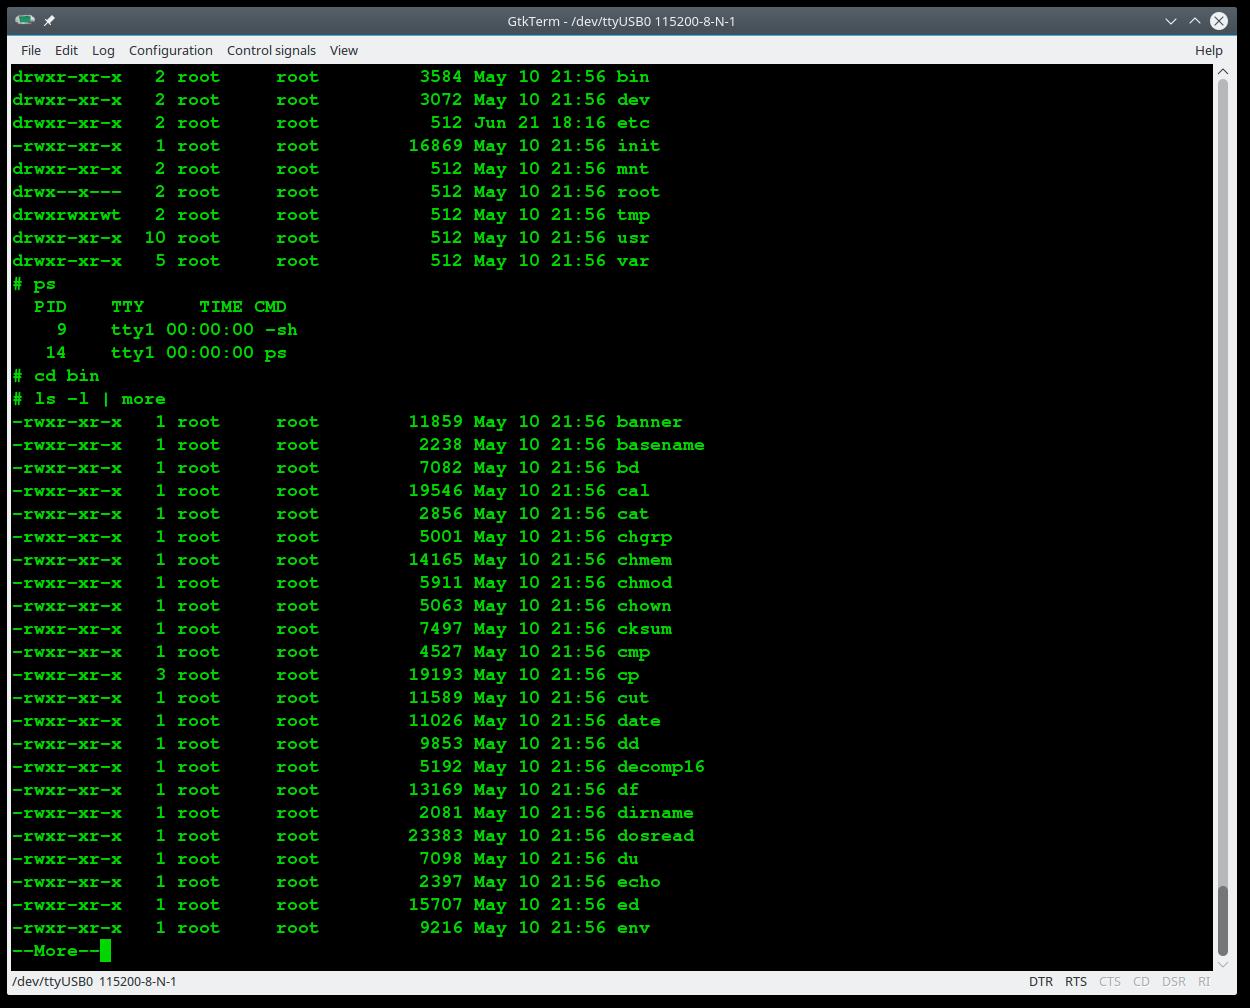 game cd key list v3.70